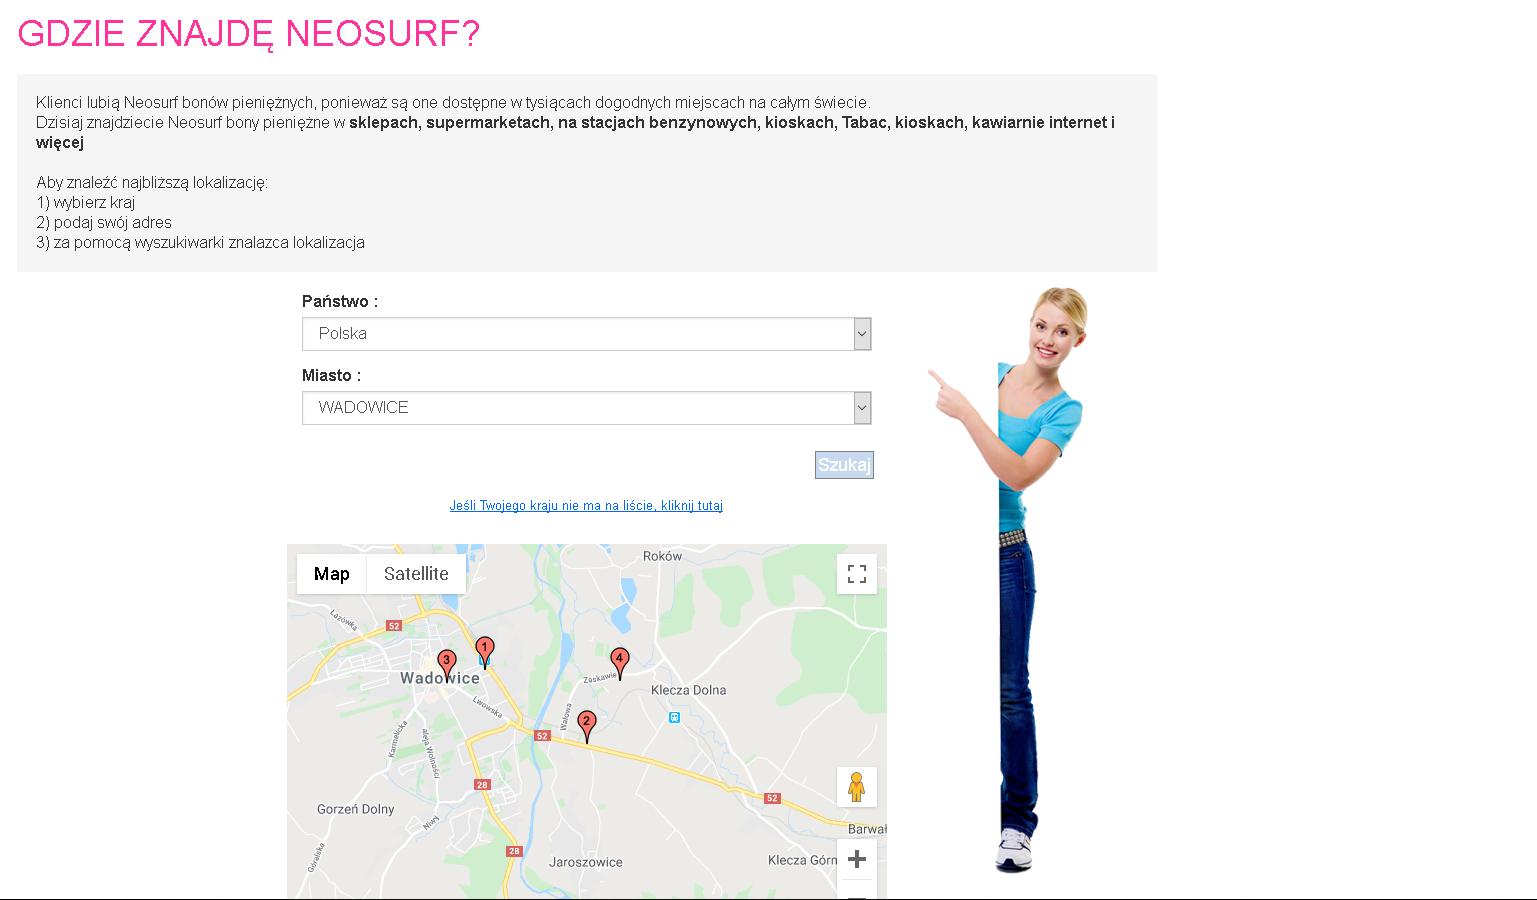 Idziemy do wybranego przez nas sklepu i prosimy o kod Neosurf